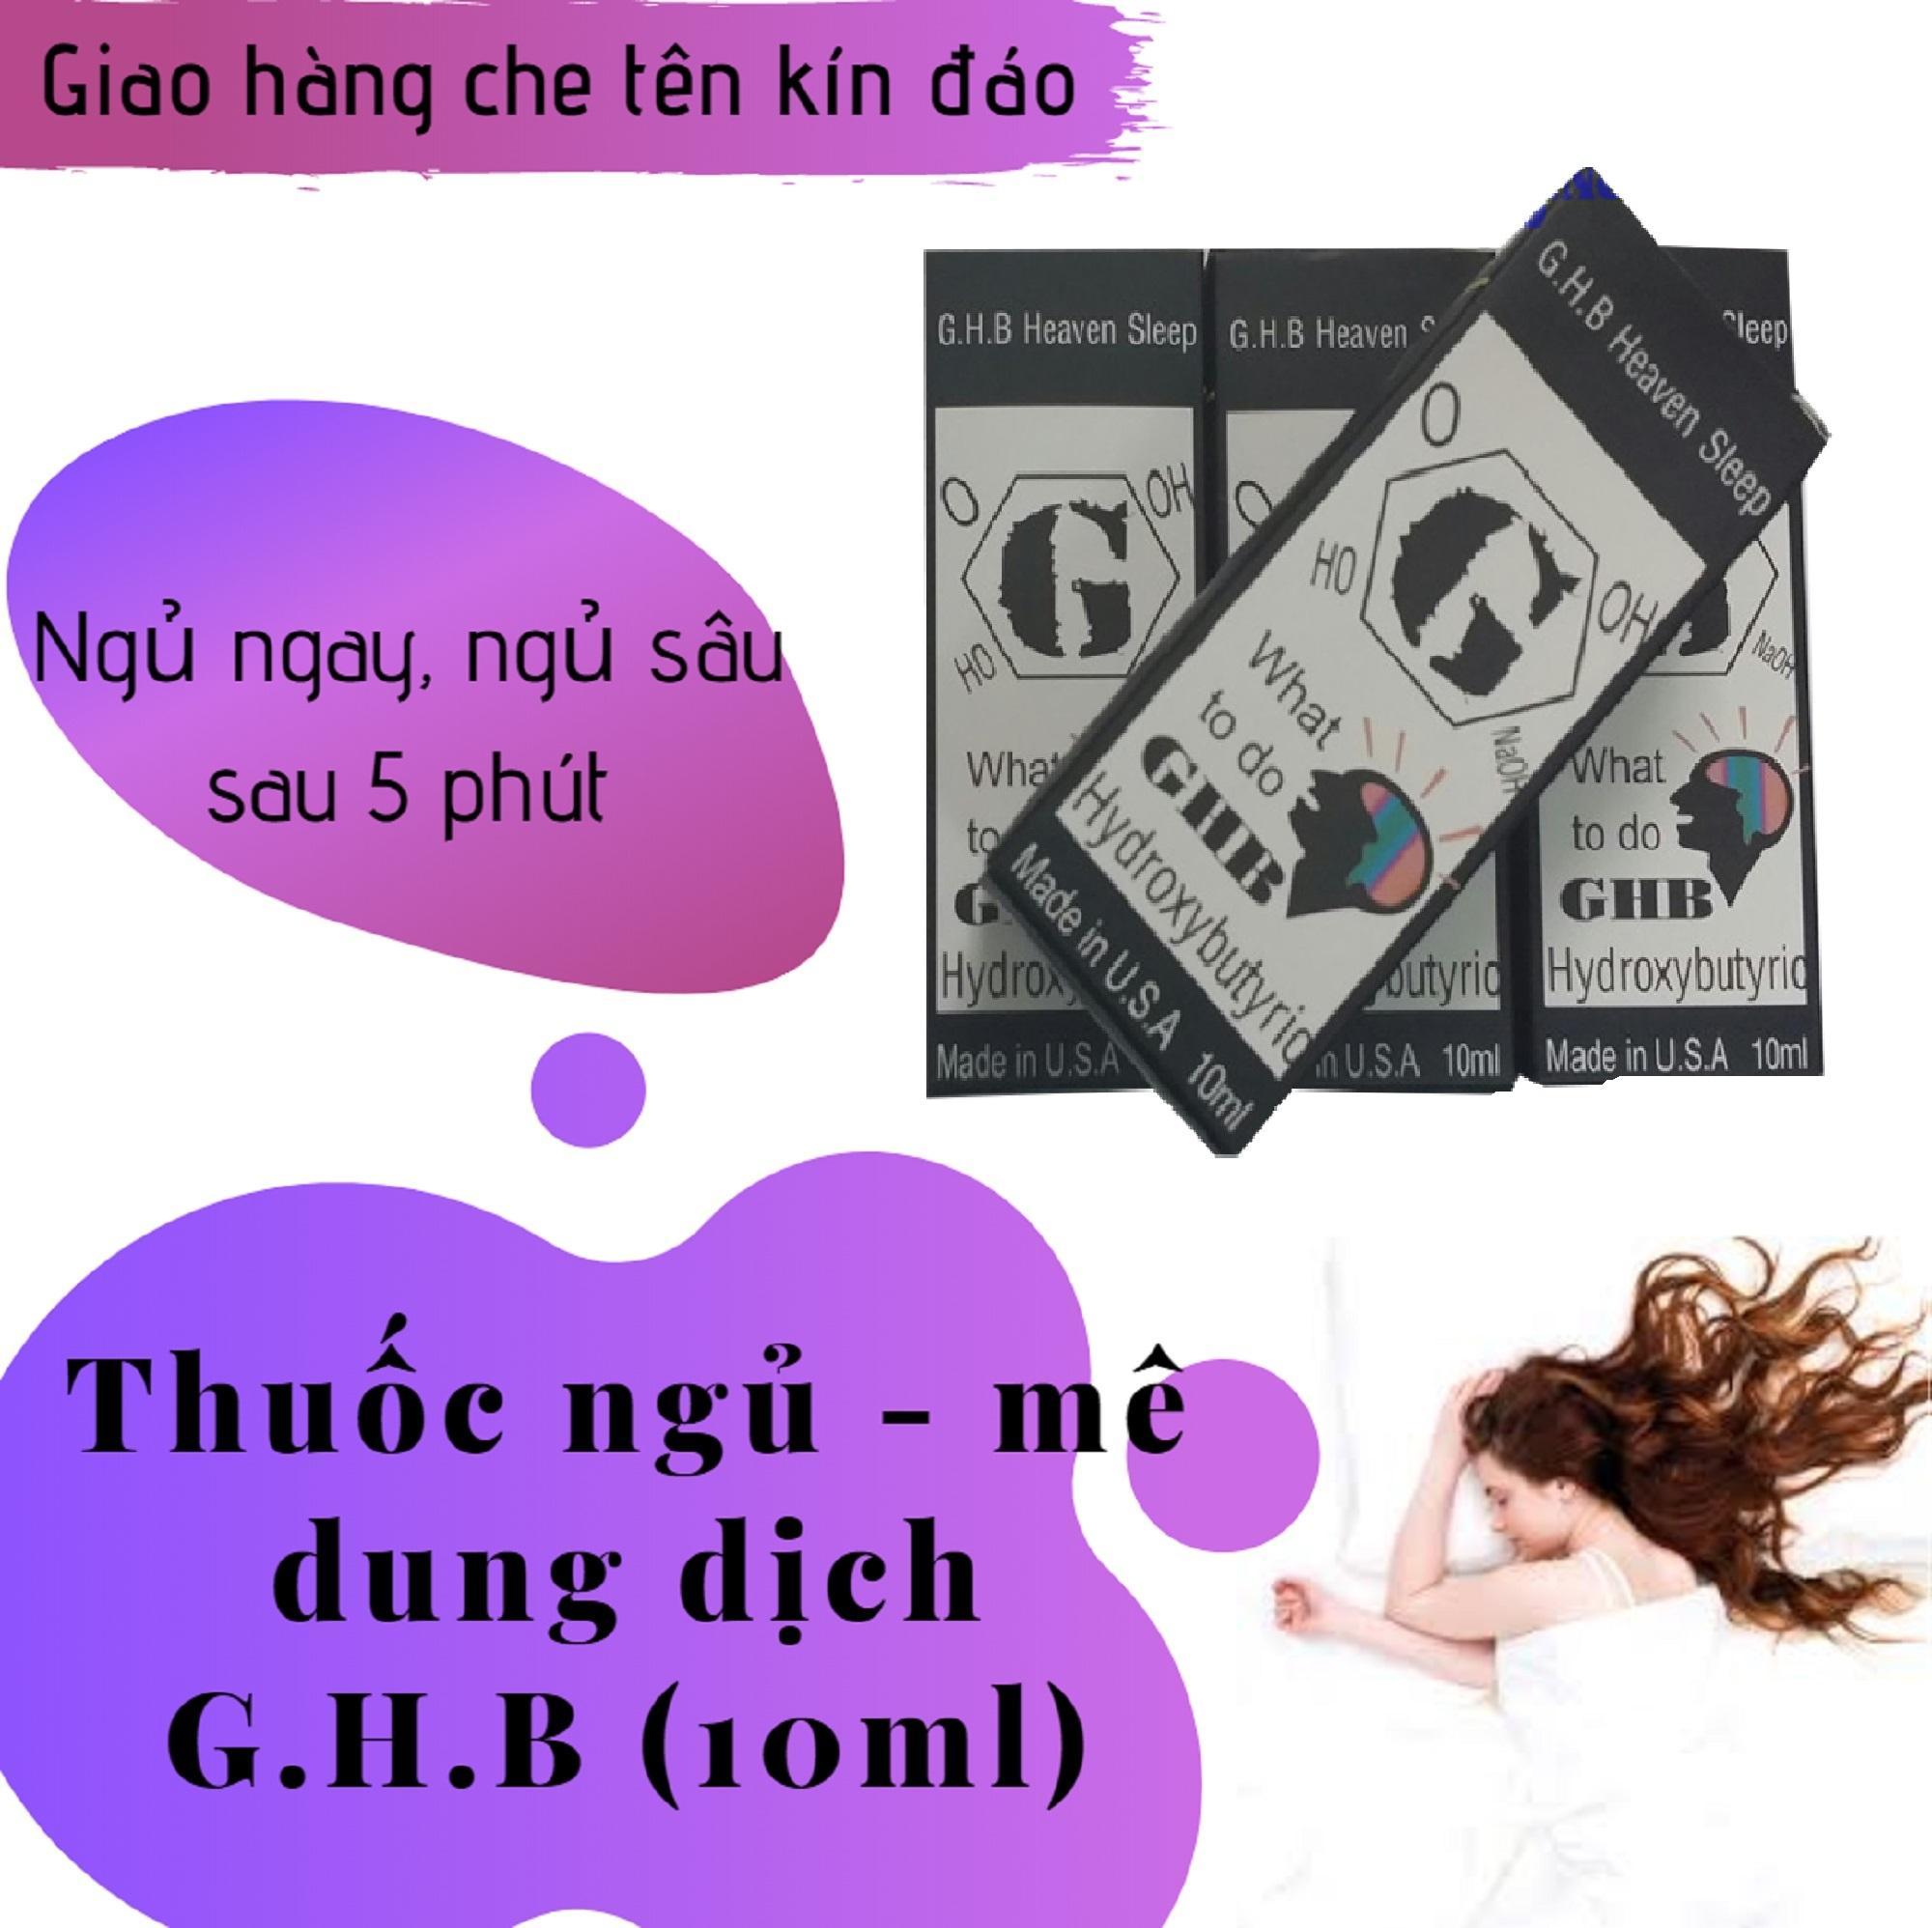 Thuốc_dung dịch hỗ trợ giấc ngủ G.H.B (GHB) (chai 10ml) giá mê ly chính hãng